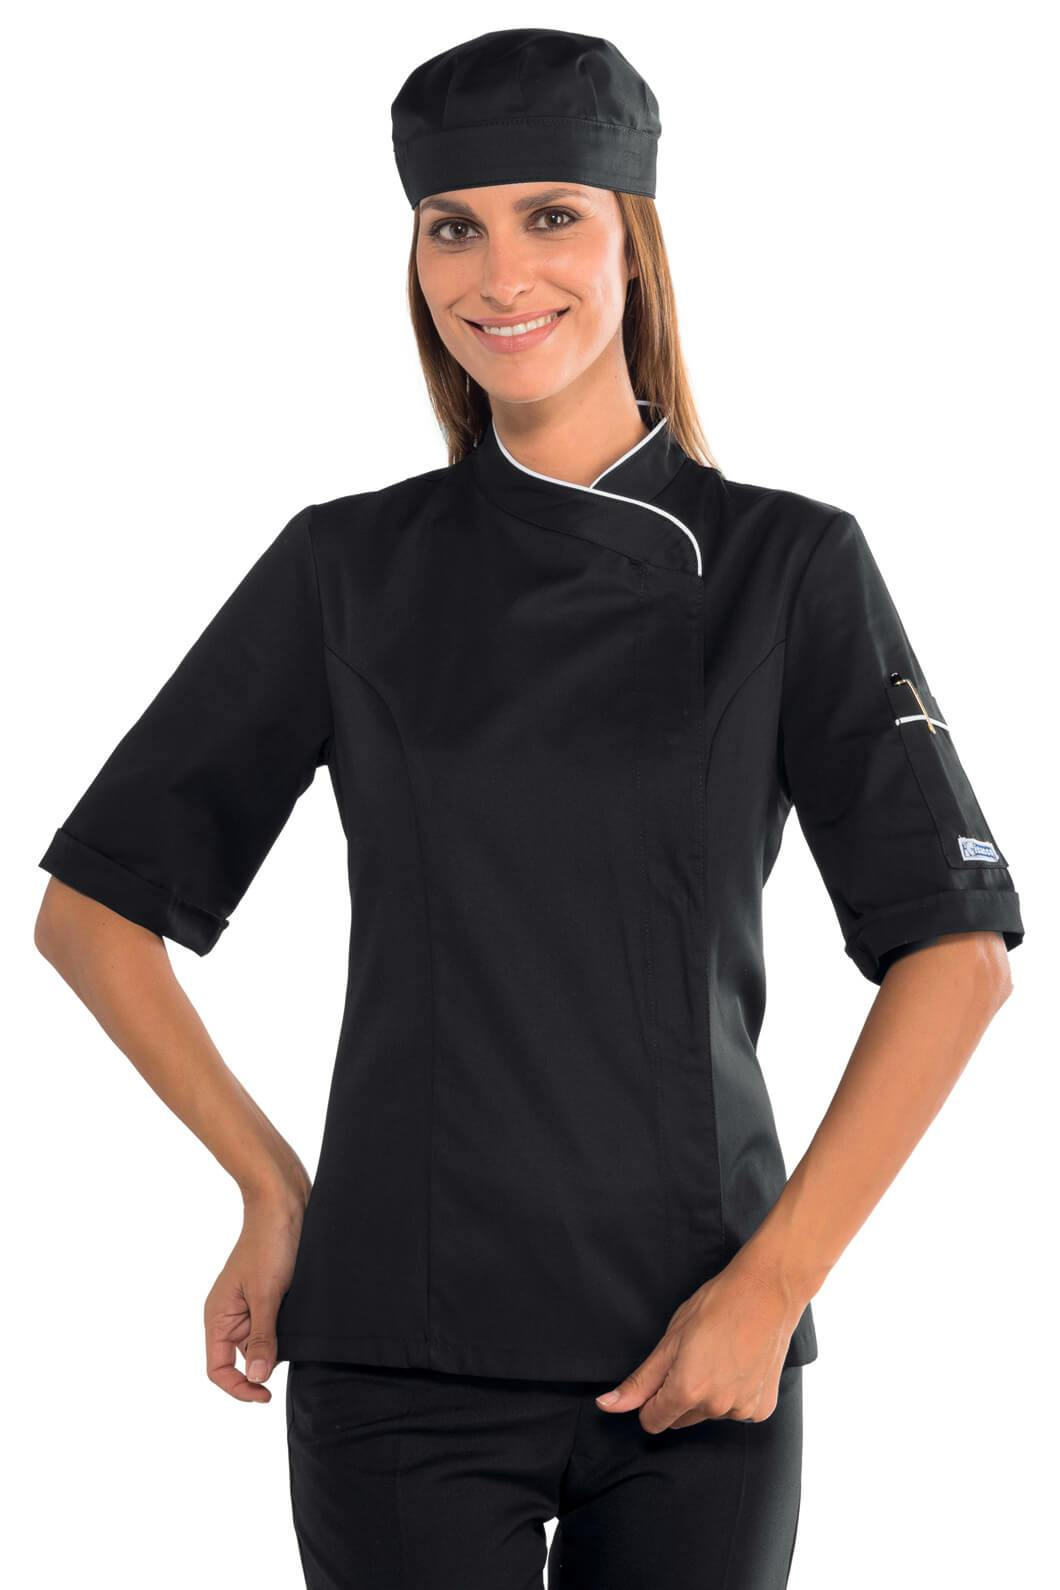 710442329b319 Vêtements Boulangerie et Patîsserie - Vestes de Patissier - mylookpro.com